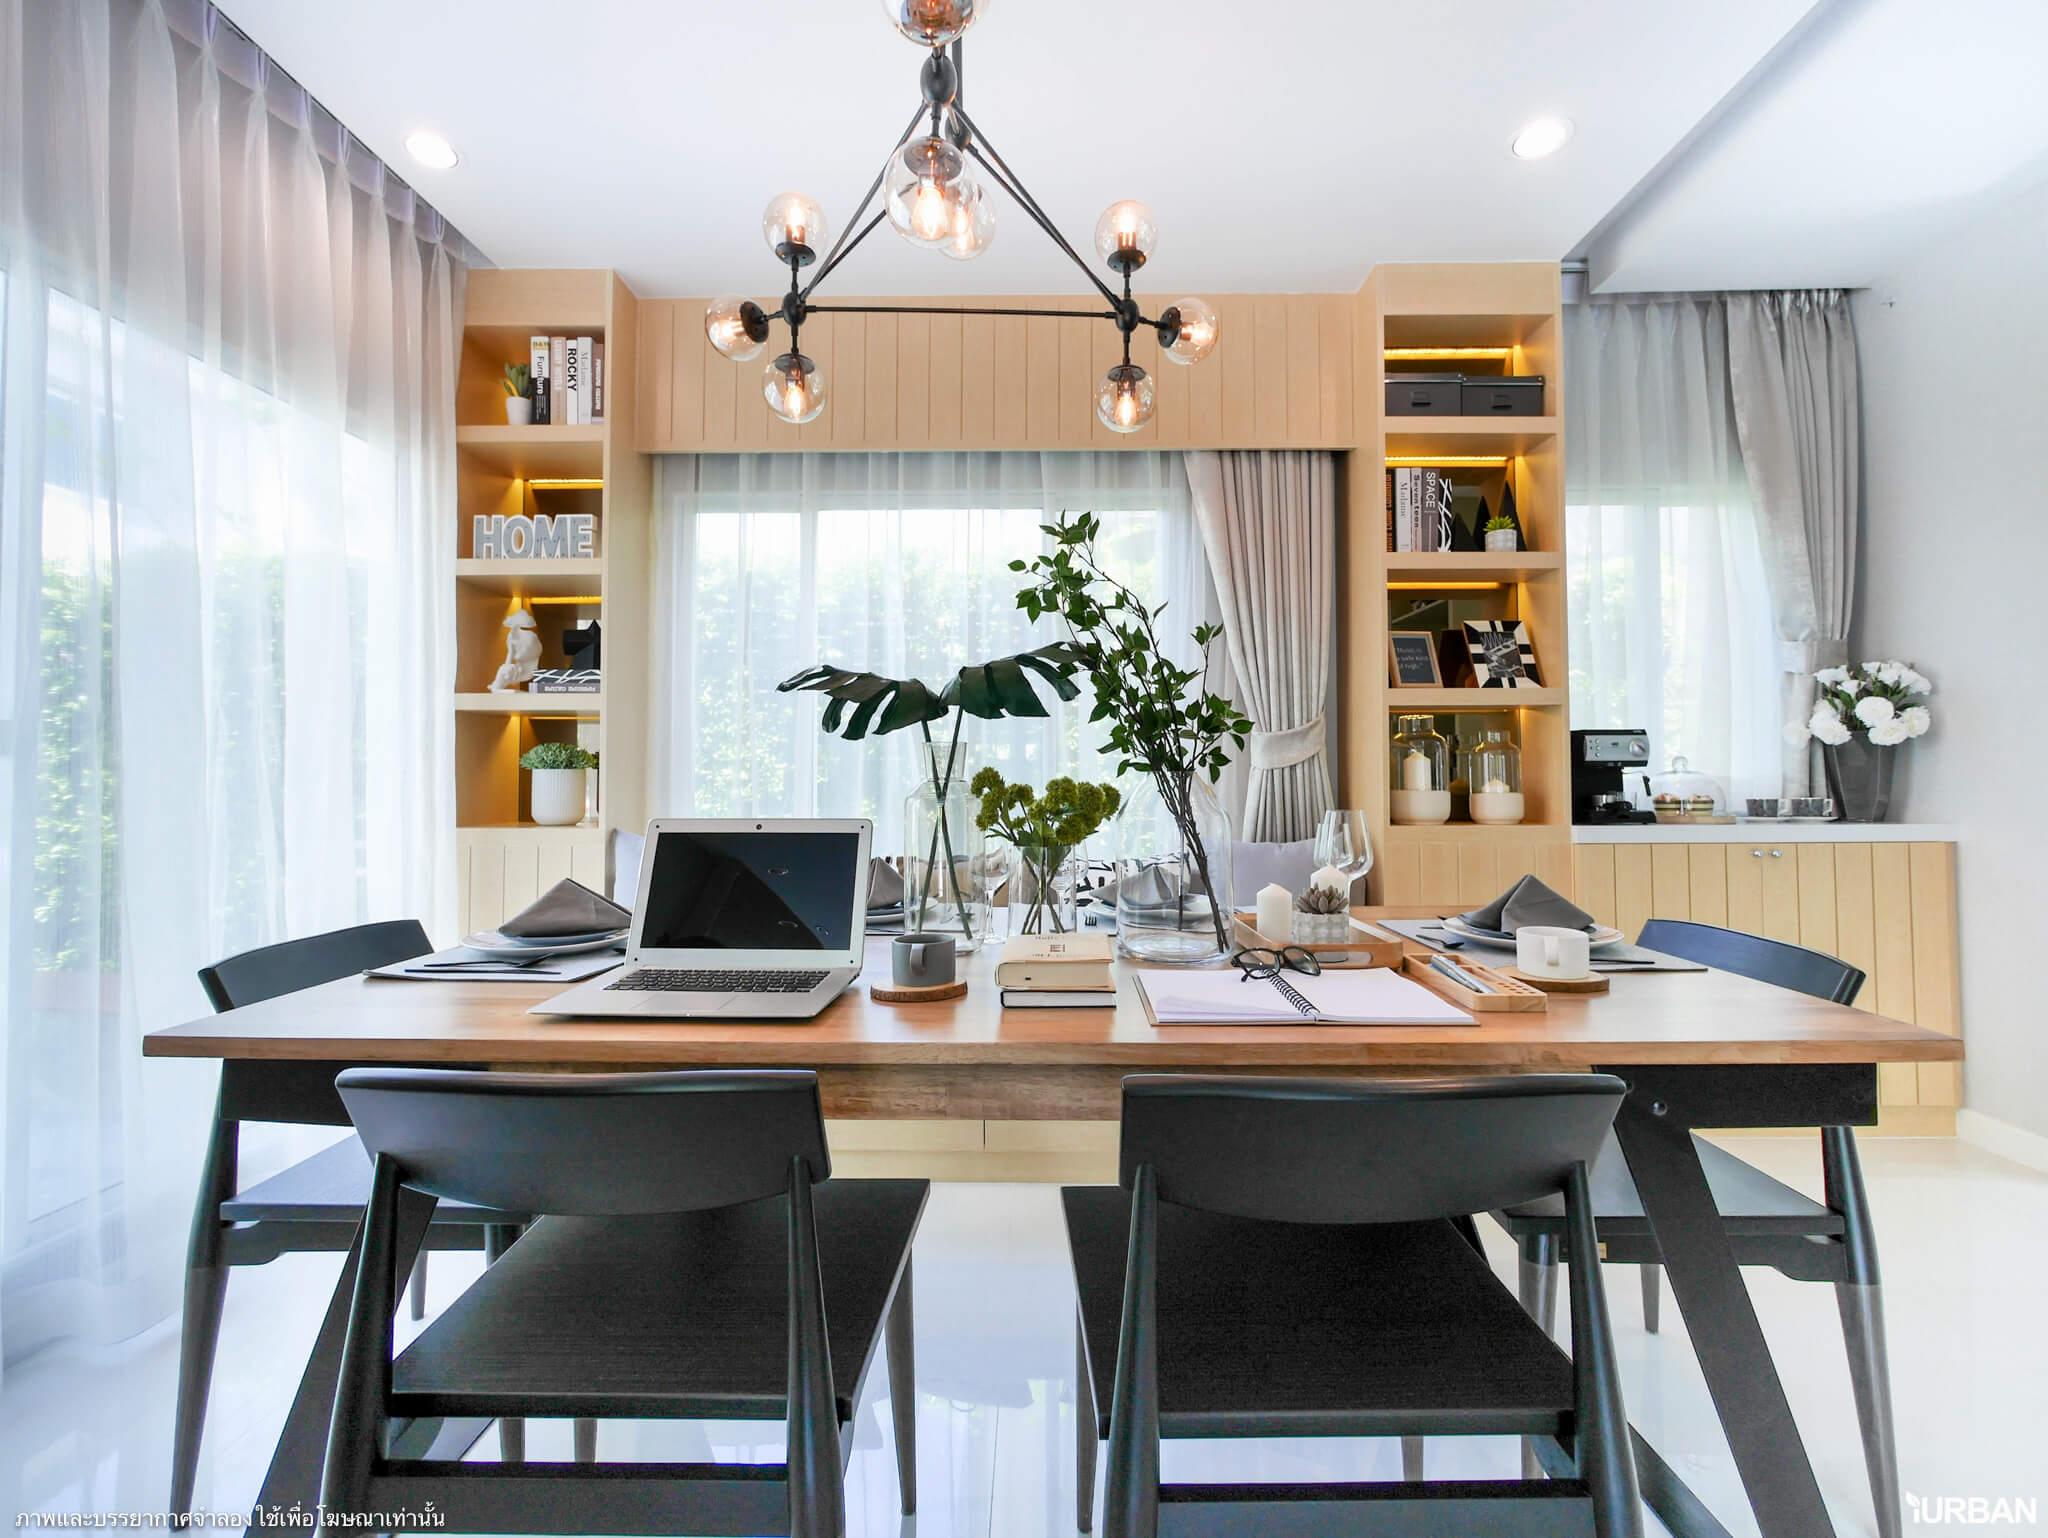 The Plant เทพารักษ์-บางนา ชมบ้านตัวอย่างและรีวิวโครงการ บ้านเดี่ยวดีไซน์สวย ทำเลดีใกล้ห้างและตลาด เริ่ม 3.8 ล้าน 106 - Megabangna (เมกาบางนา)